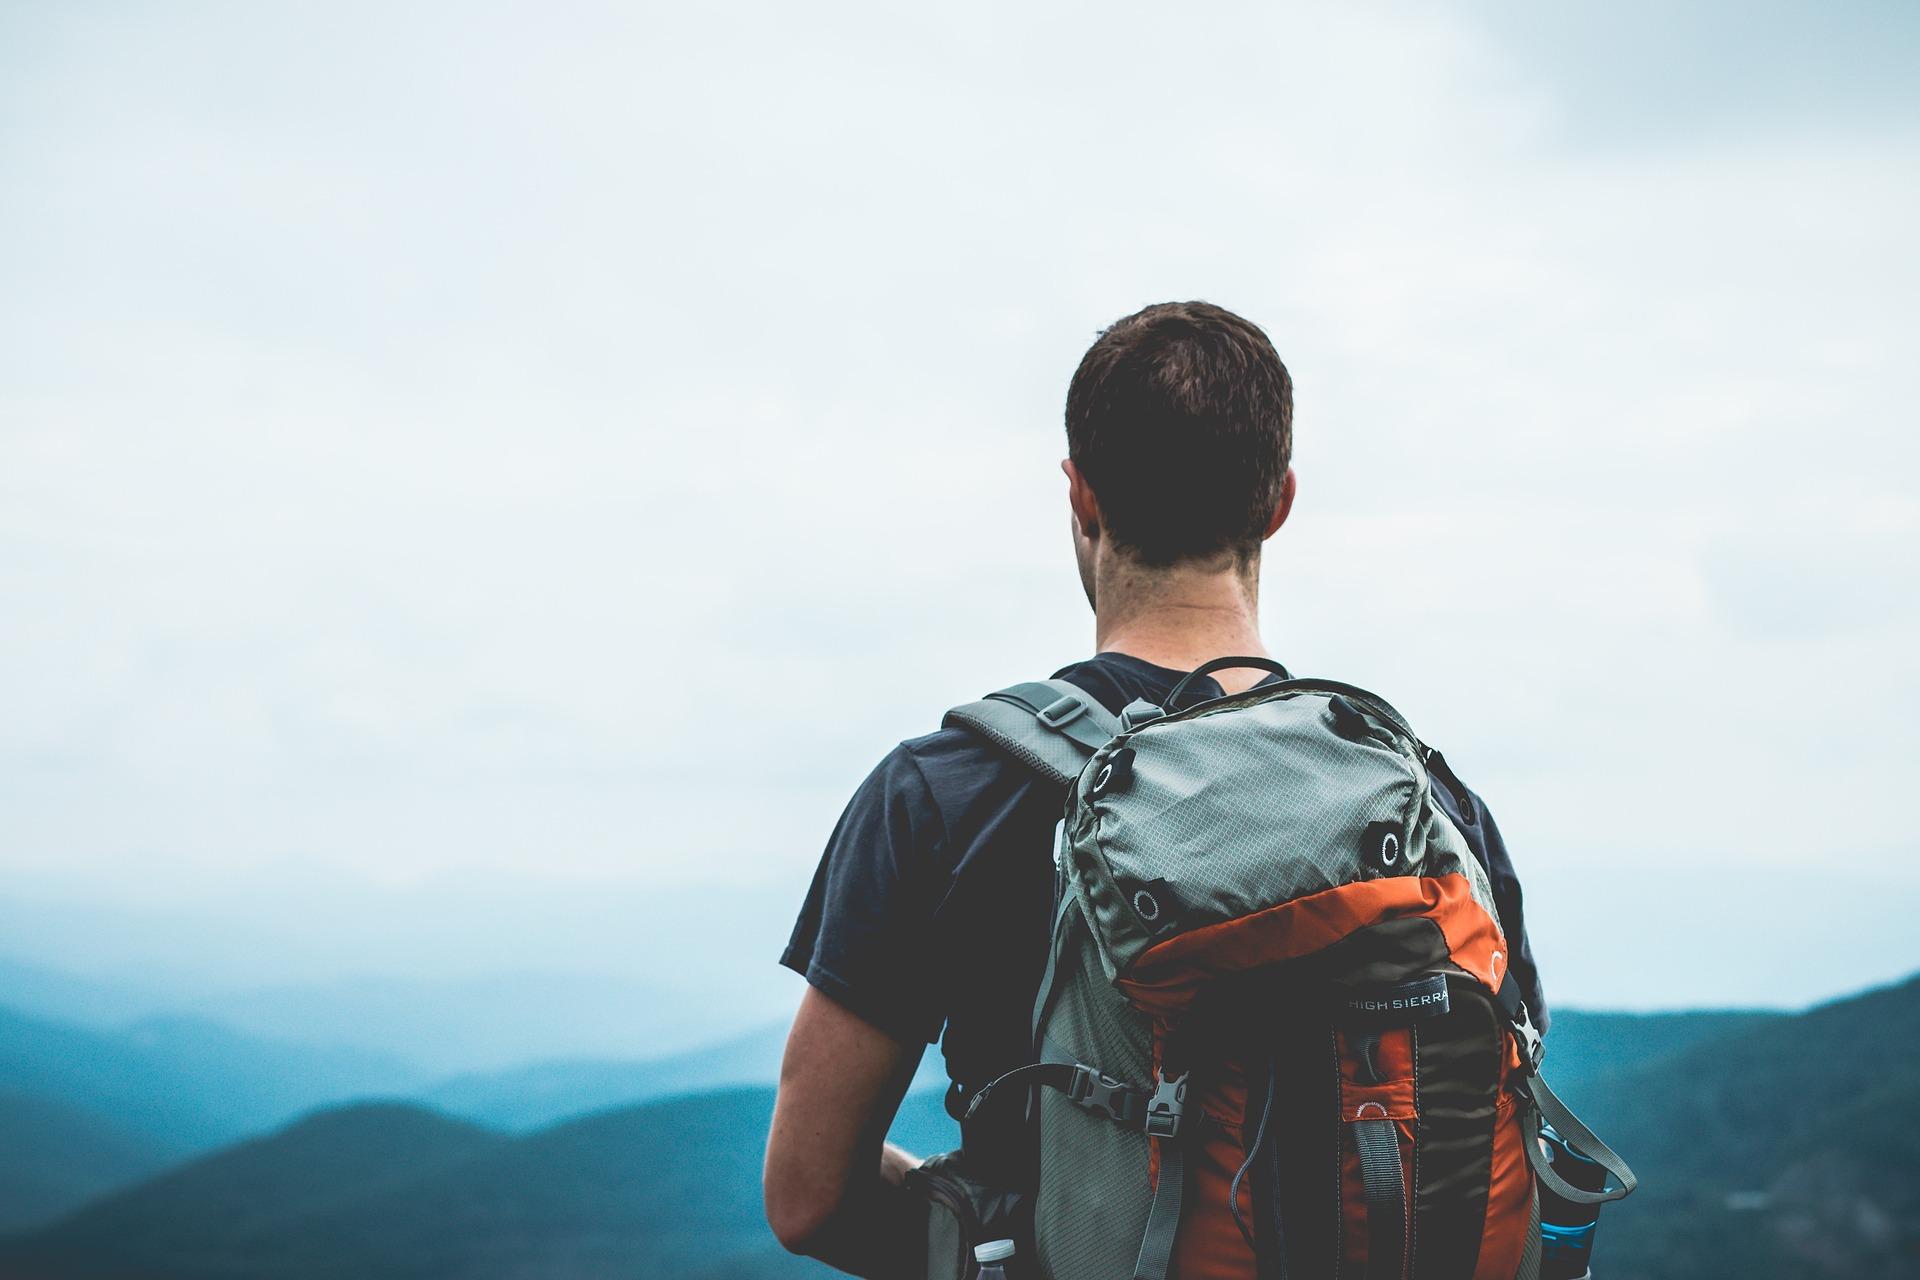 Essere curiosi, avere un buono spirito di adattamento ed essere disposti a rinunciare a certe comodità: mete e consigli della guida di Babbel